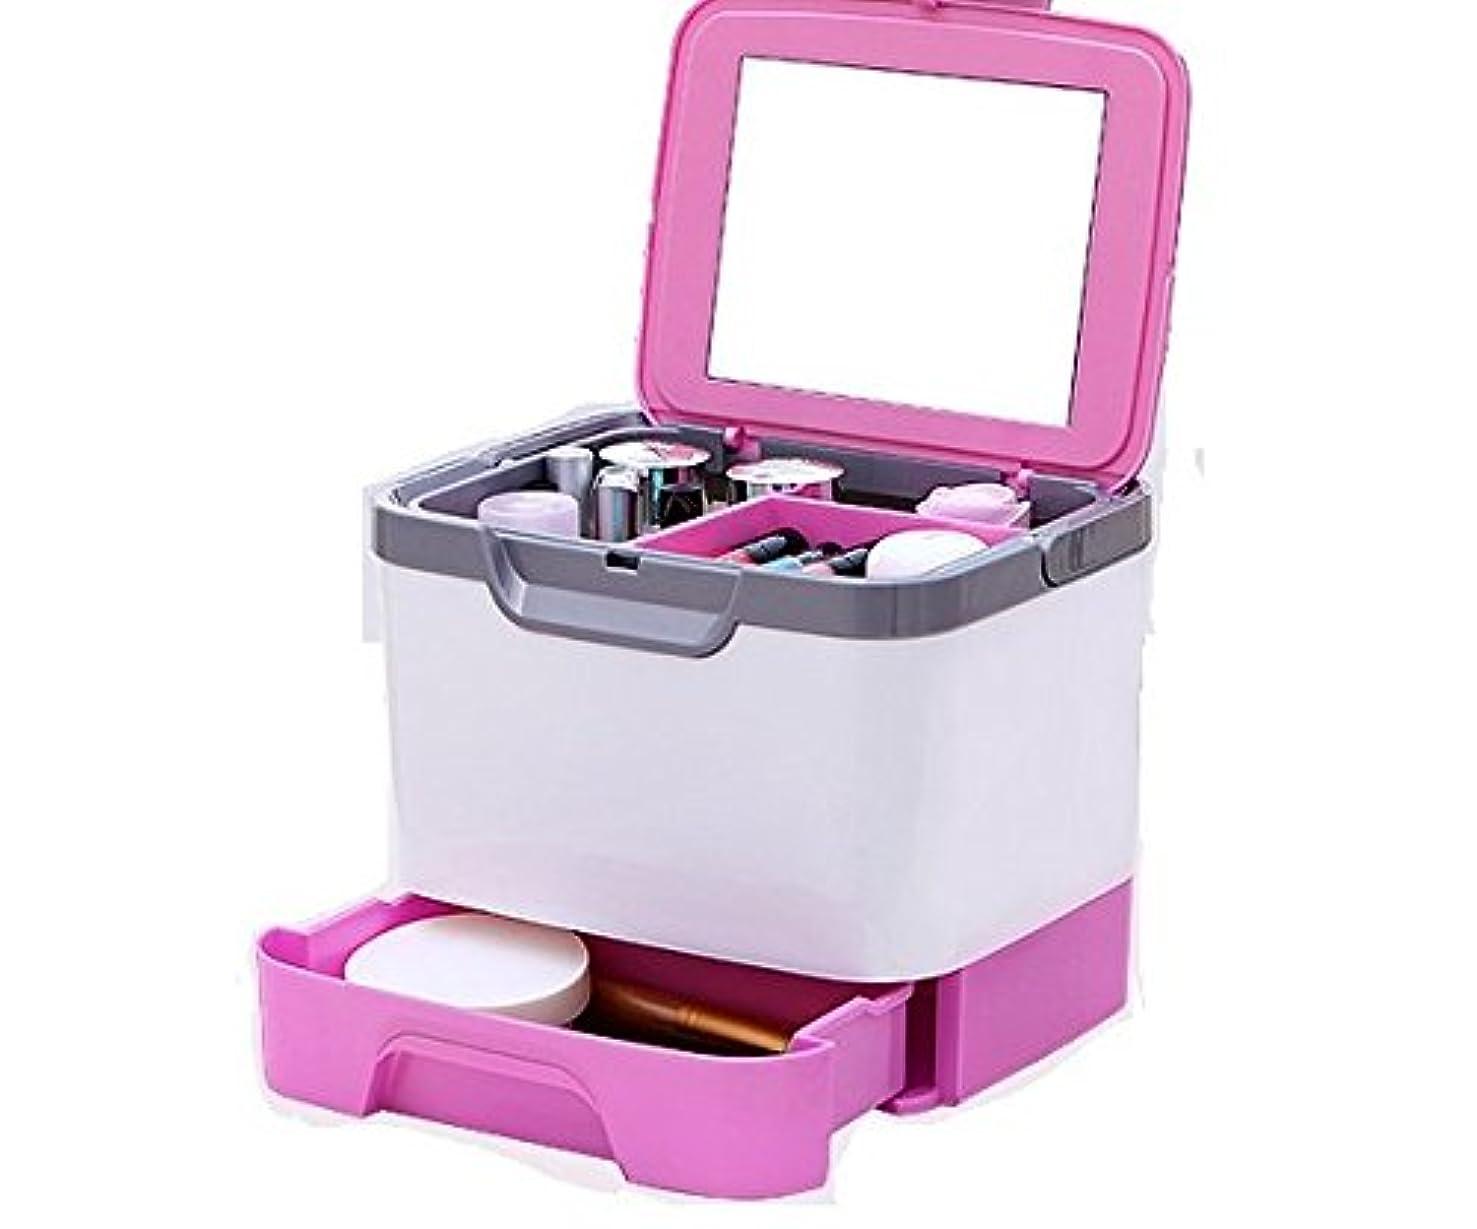 肥料是正アラブサラボメイクボックス 大容量 かわいい 鏡付き プロも納得 コスメの収納に (ピンク、ブルー、グリーン)